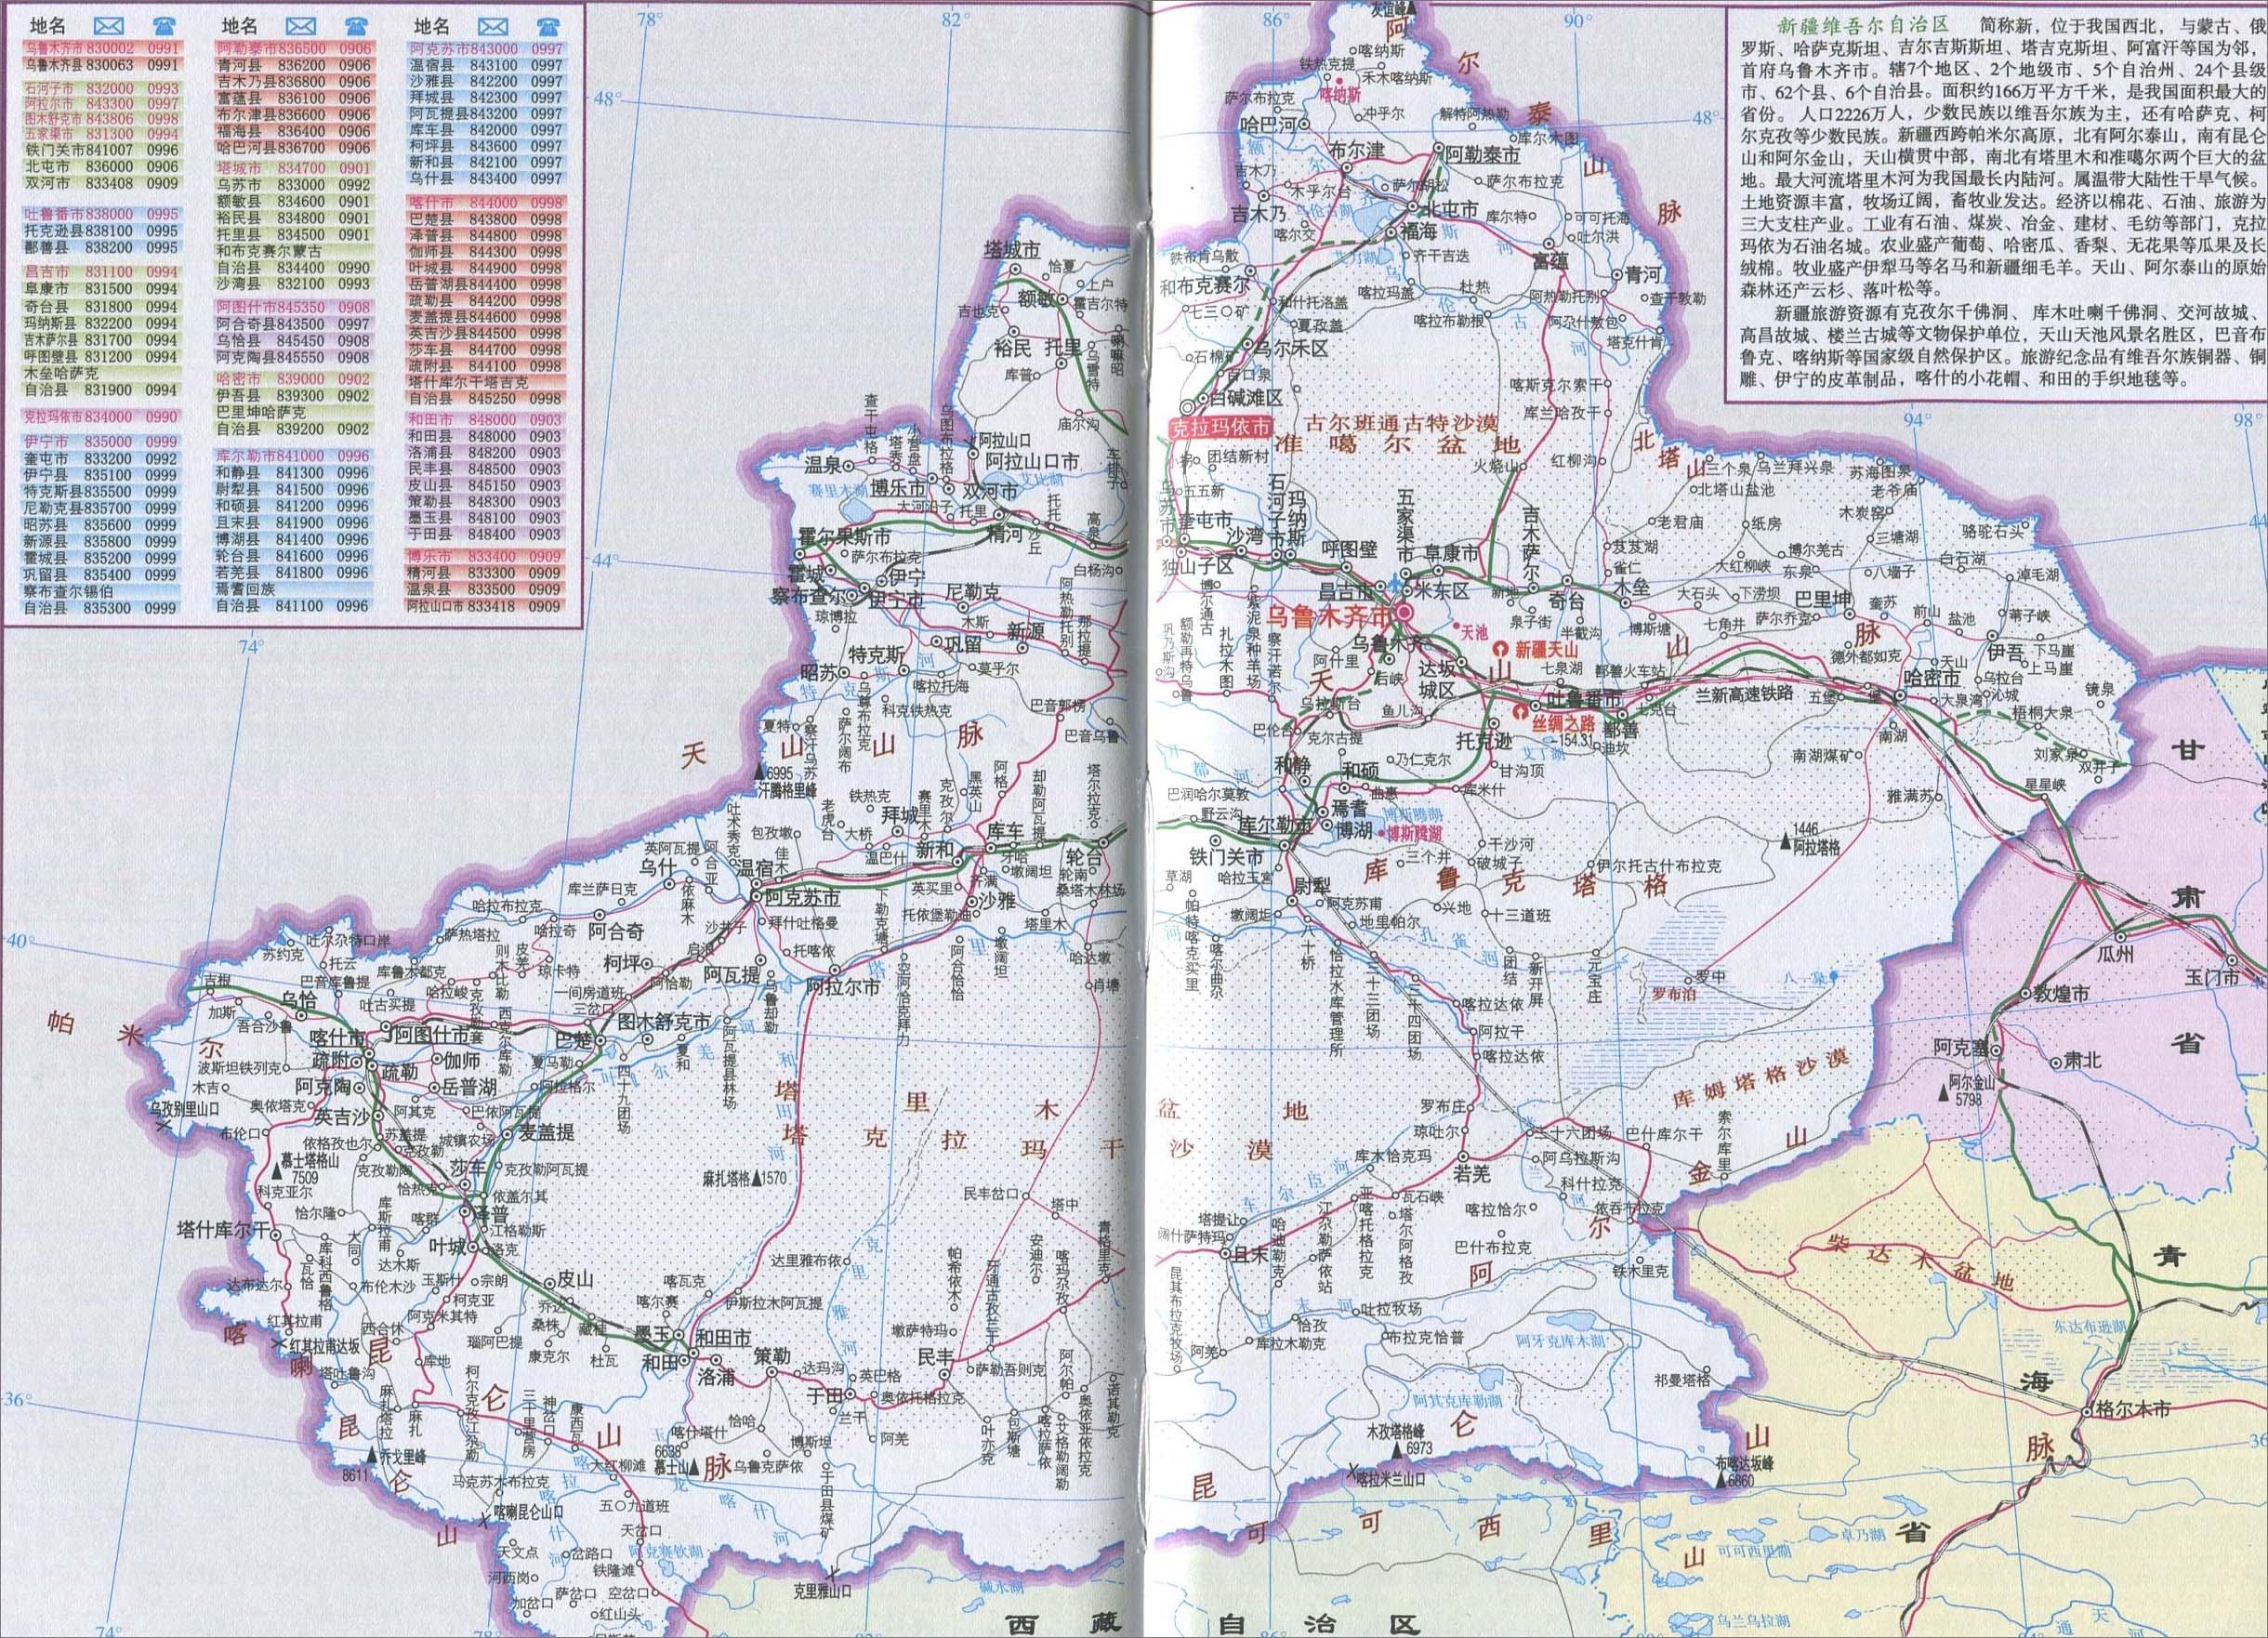 新疆城区旅游地图